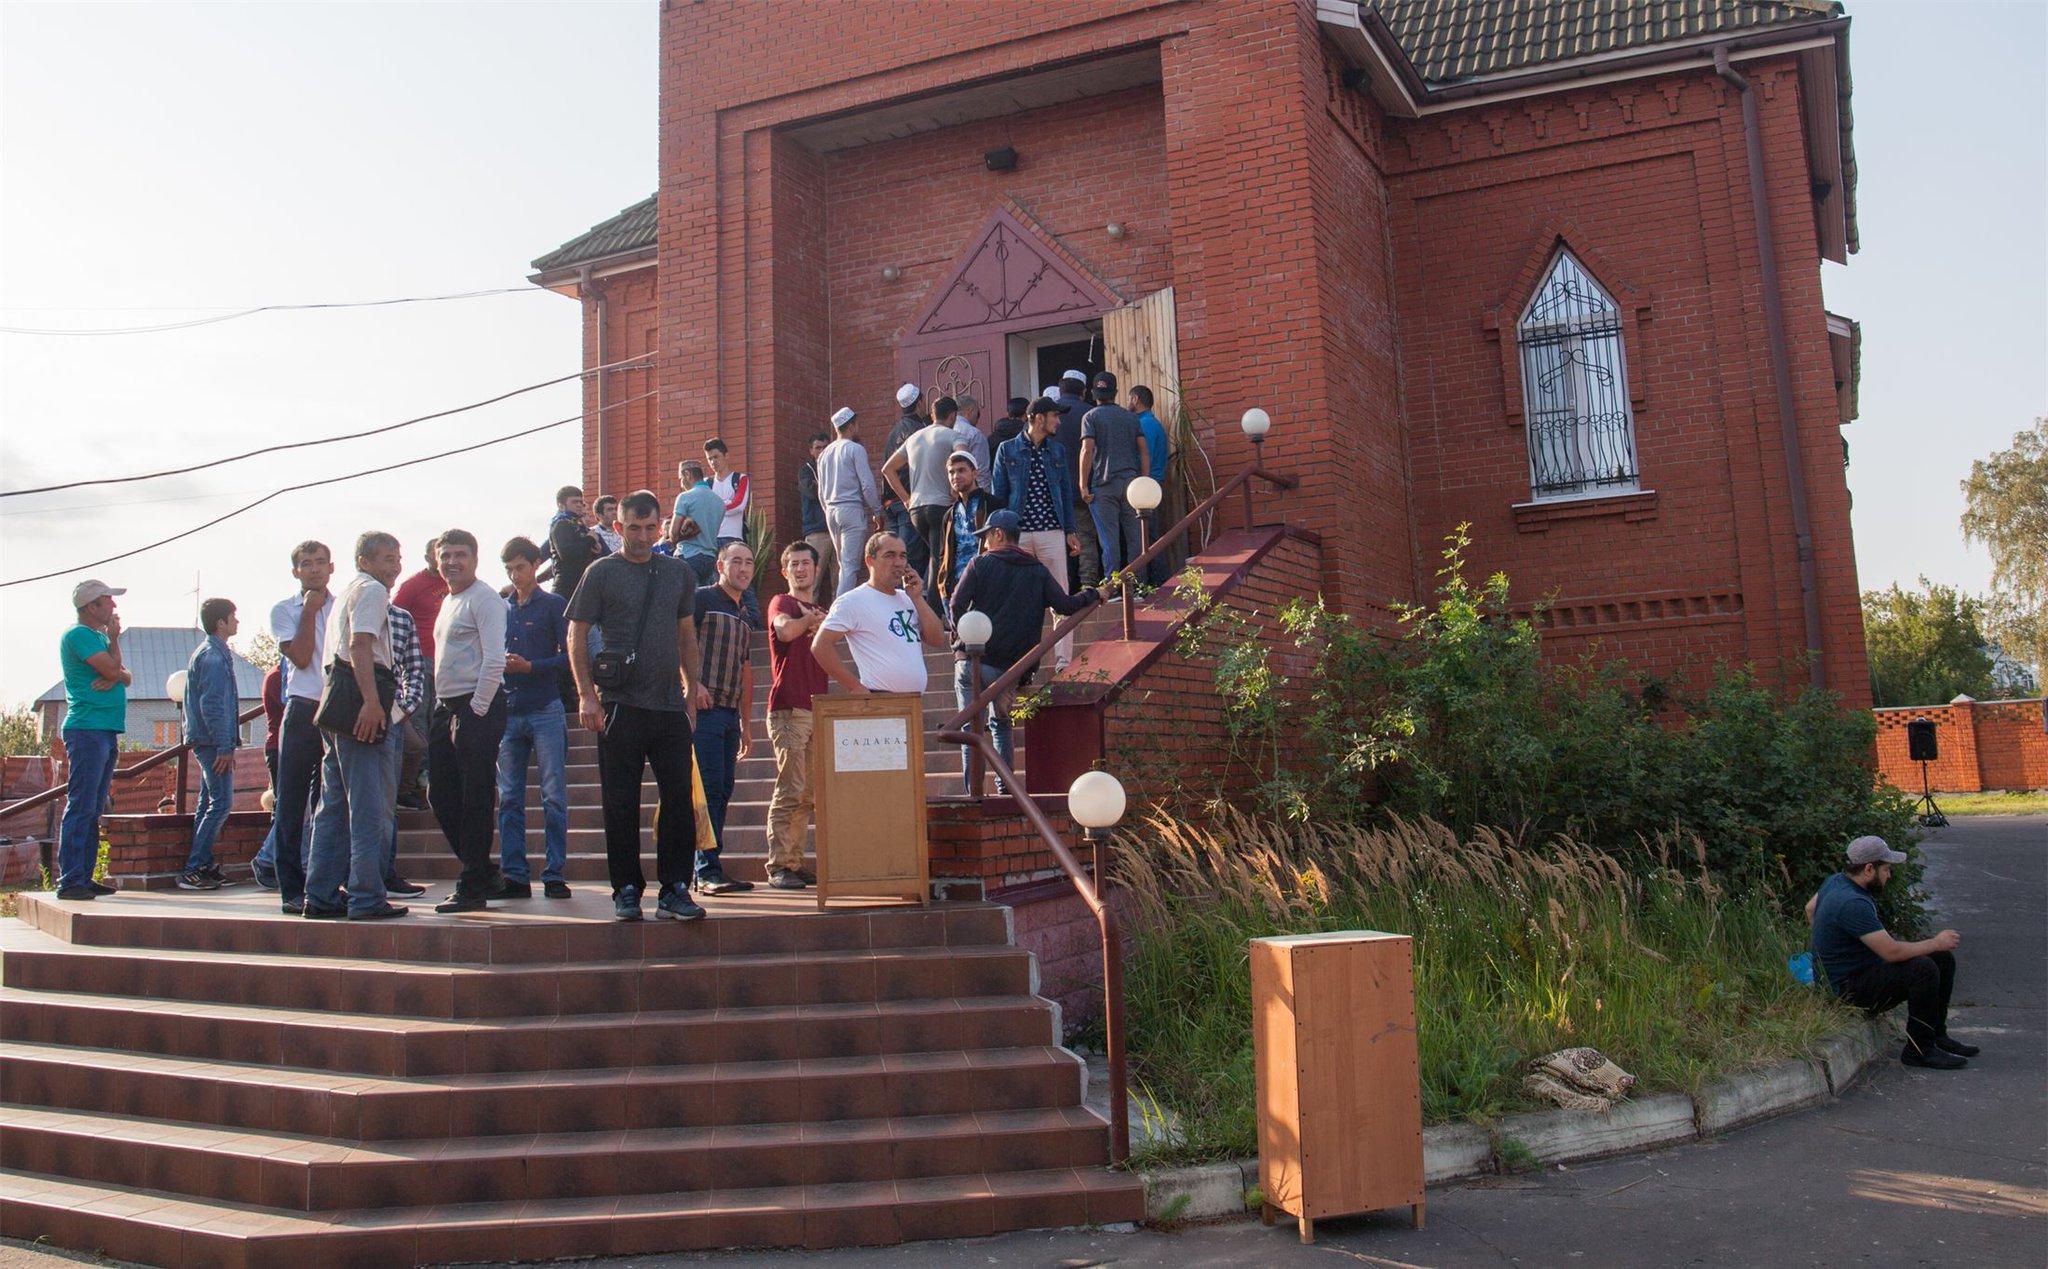 матч орехово зуевская мечеть забирова сания фото разнообразие возможных